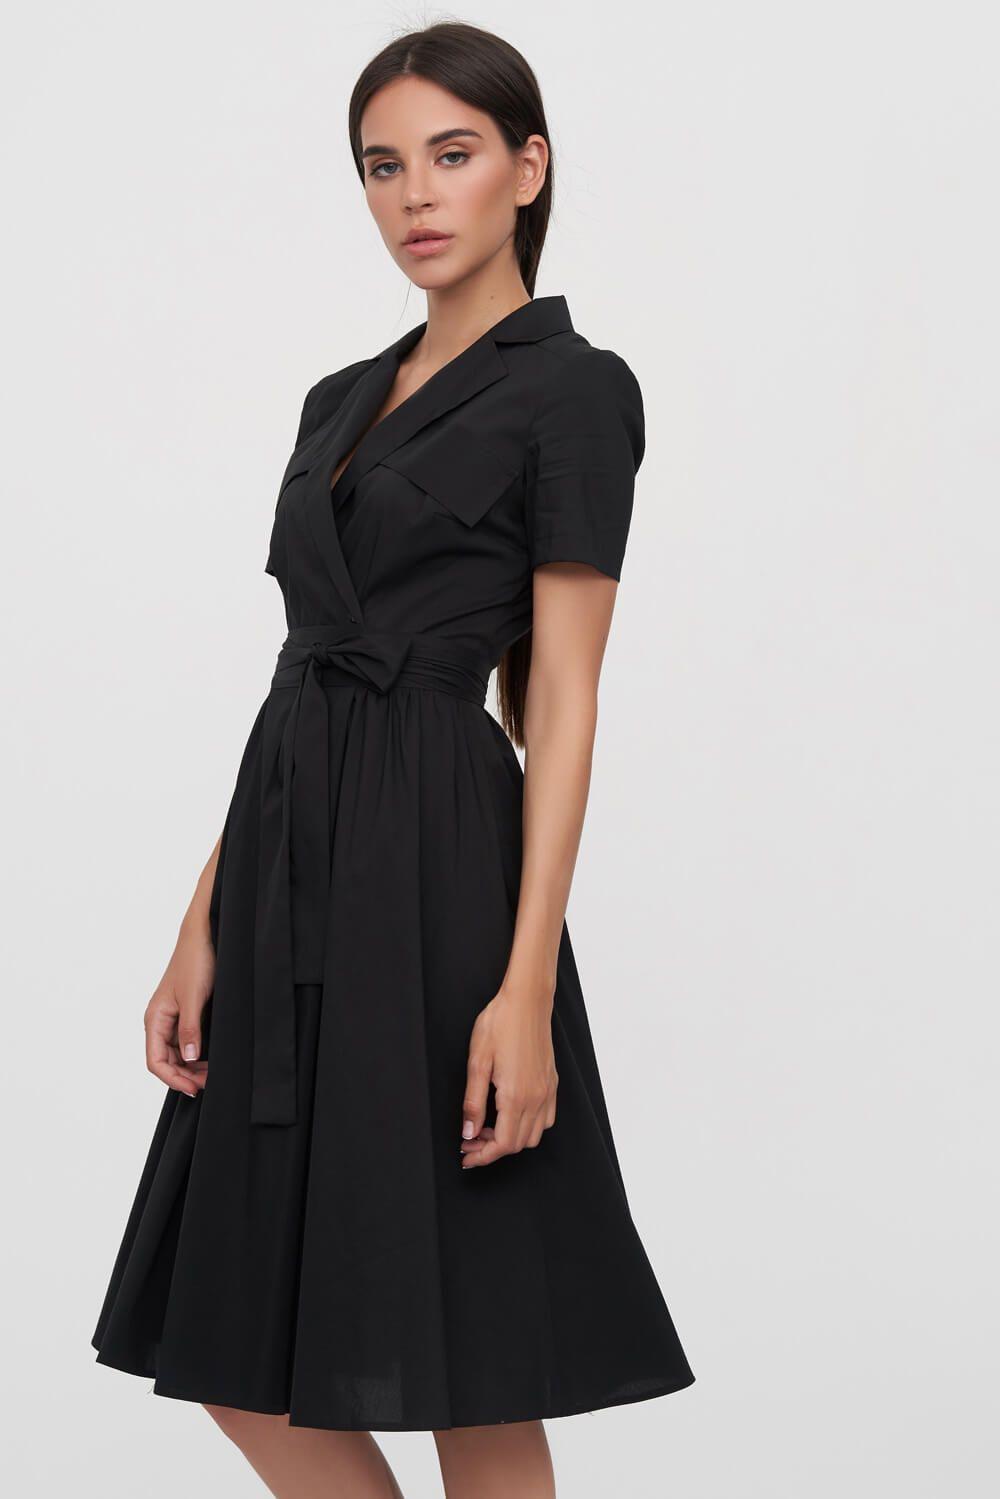 c1296d4dcedbb Платье-рубашка черного цвета 3 - интернет-магазин Natali Bolgar ...